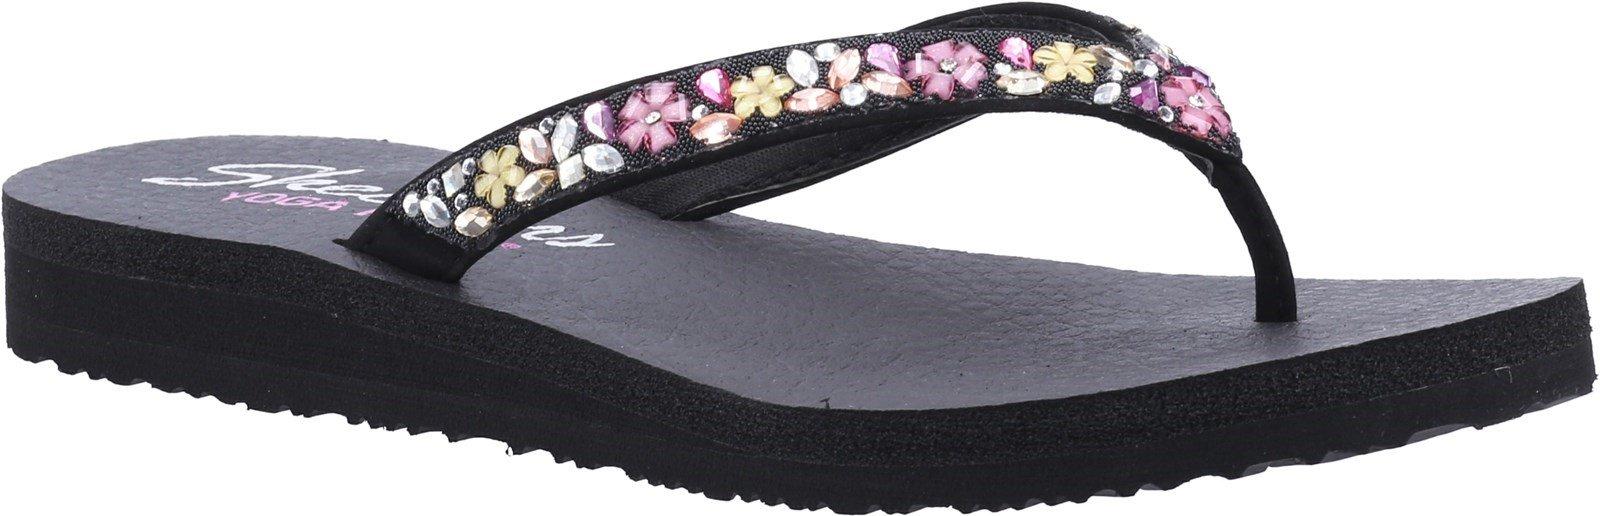 Skechers Women's Meditation Daisy Summer Sandal Various Colours 32175 - Black/Multi 3